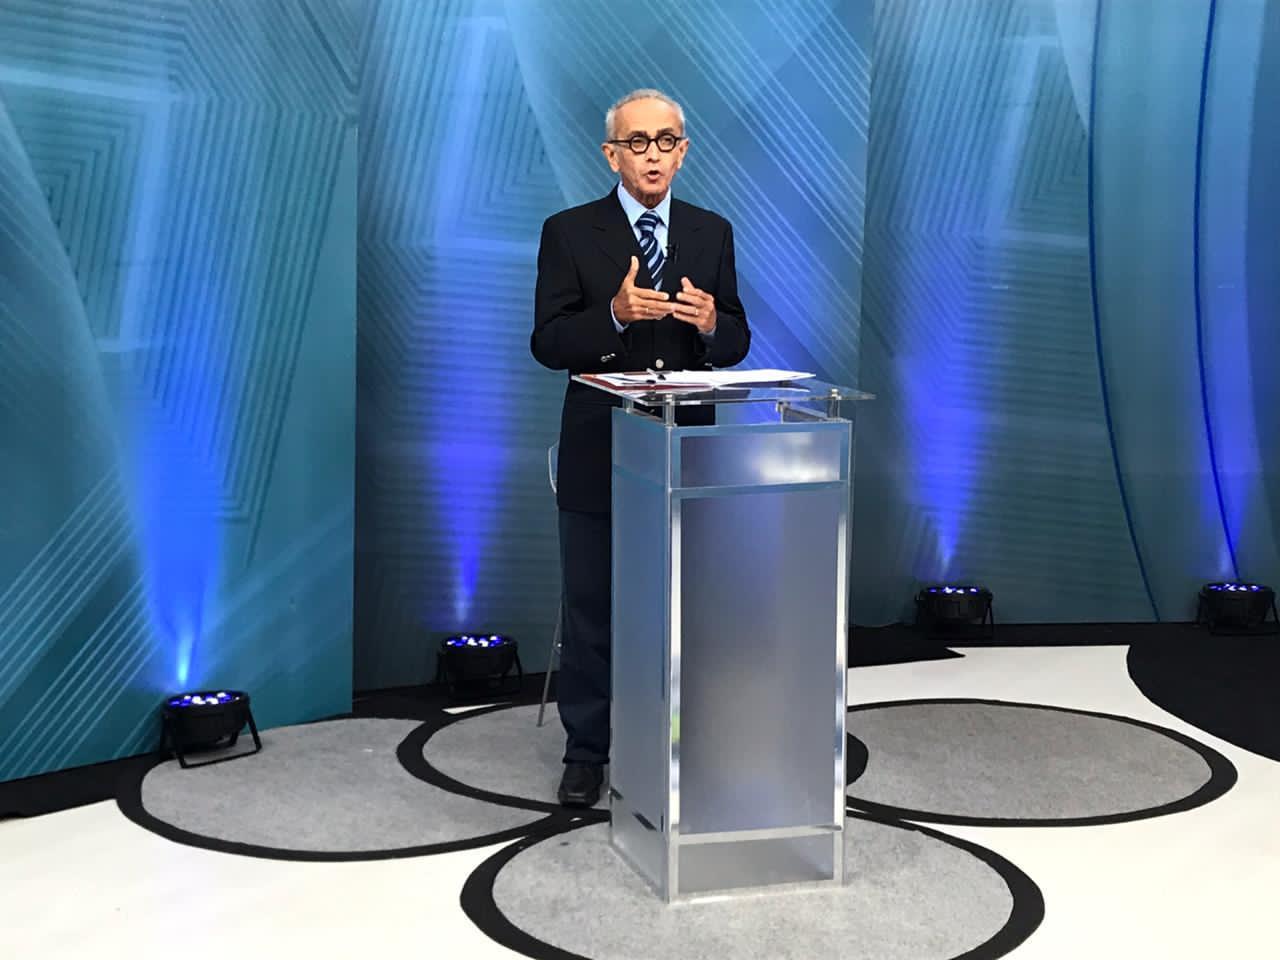 WhatsApp Image 2020 11 22 at 08.00.18 - Em debate na TV Correio, Cícero promete melhorar atendimento na saúde para idosos e modernizar escolas